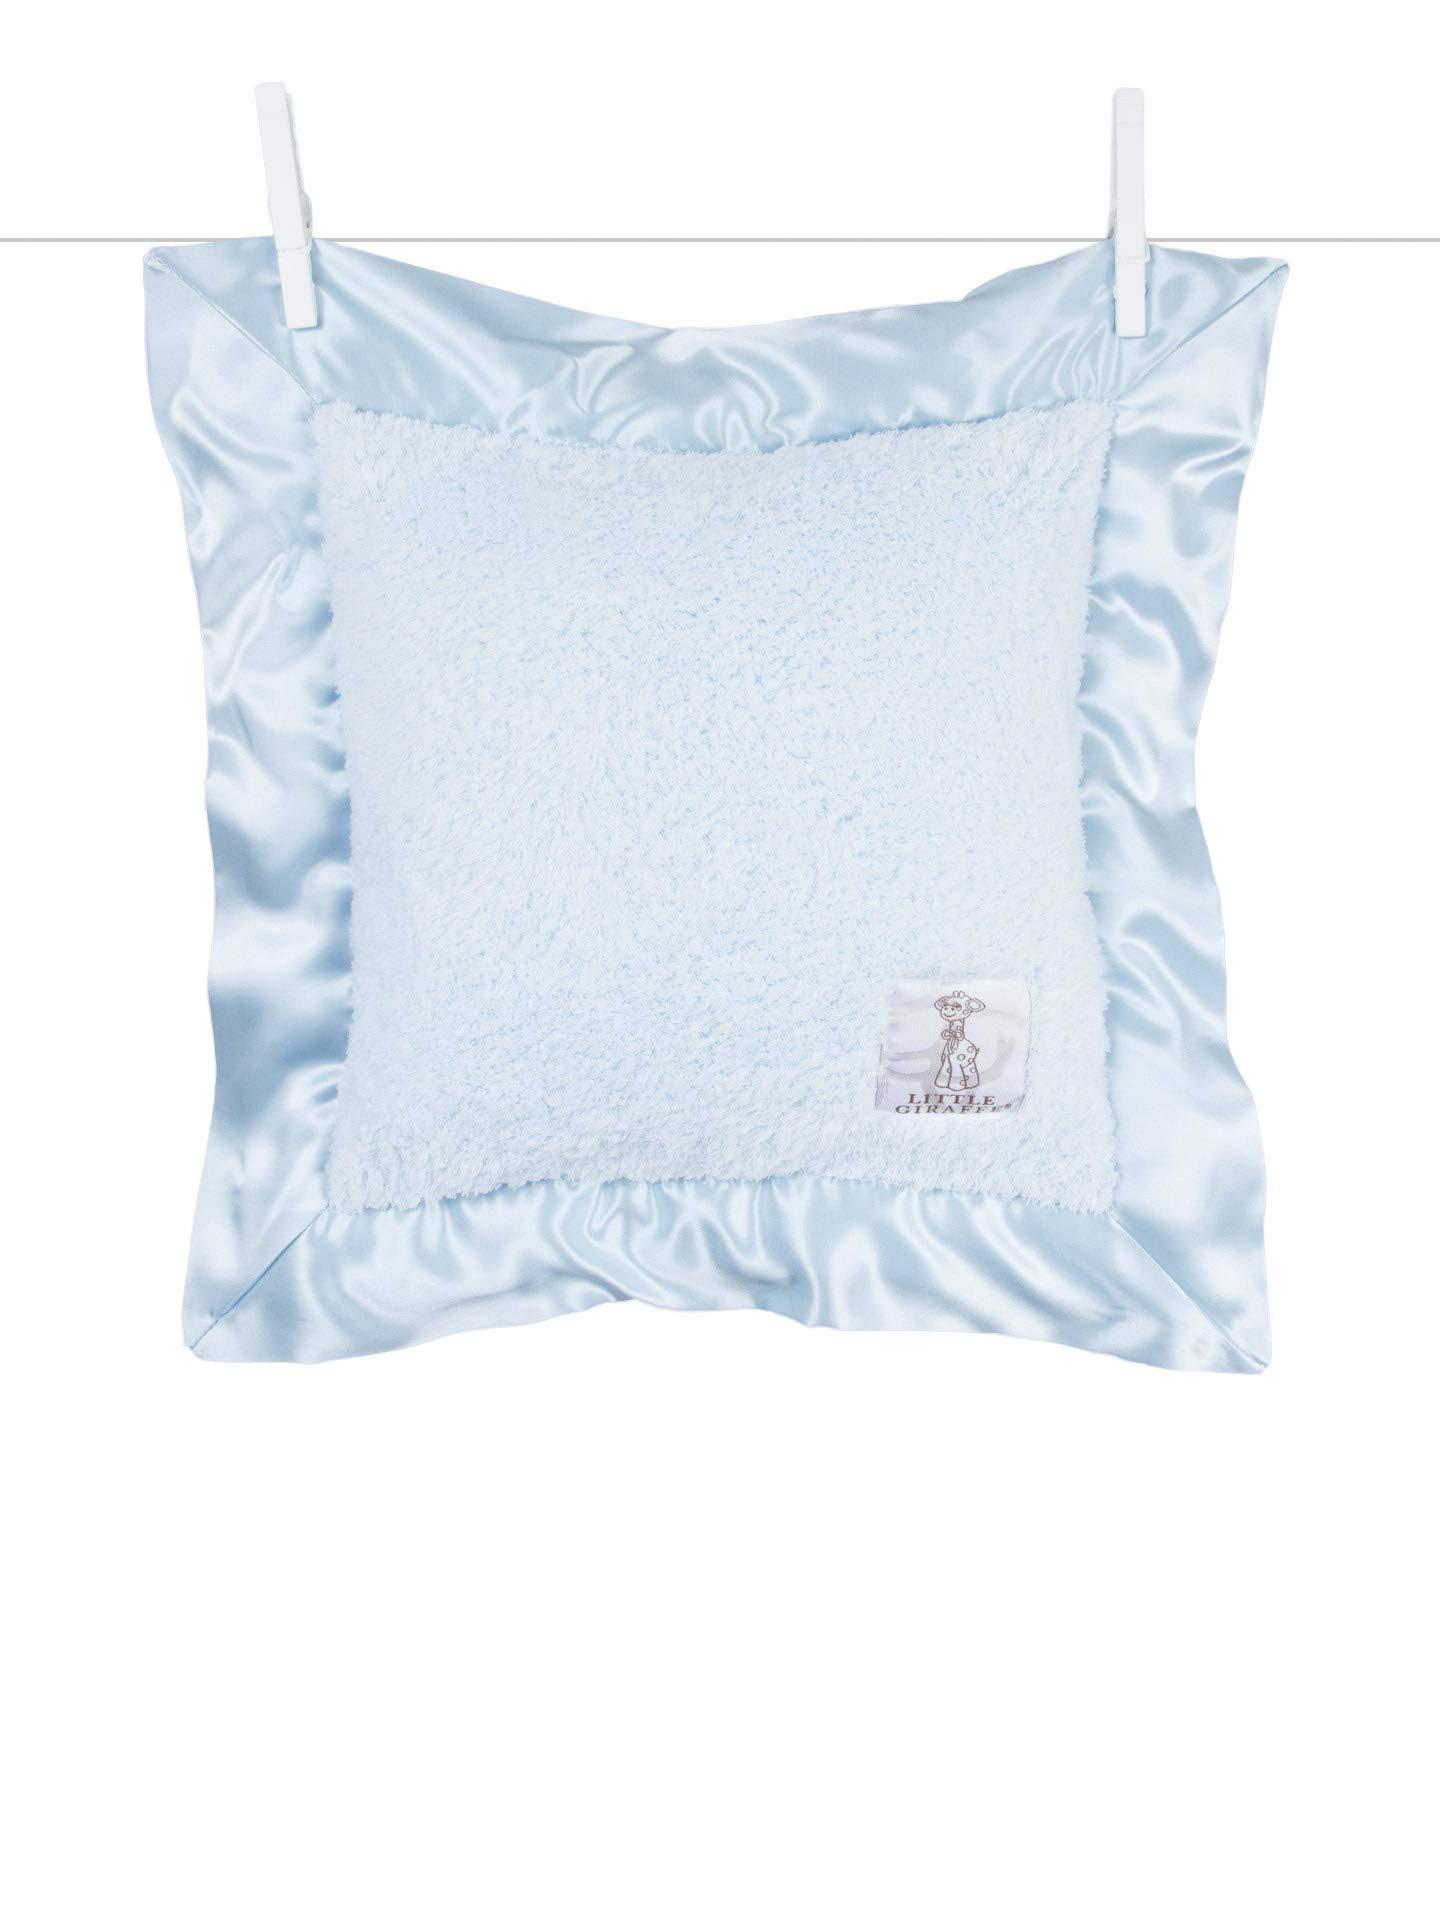 Little Giraffe Chenille Pillow, Blue, 14'' x 14'' by Little Giraffe (Image #1)